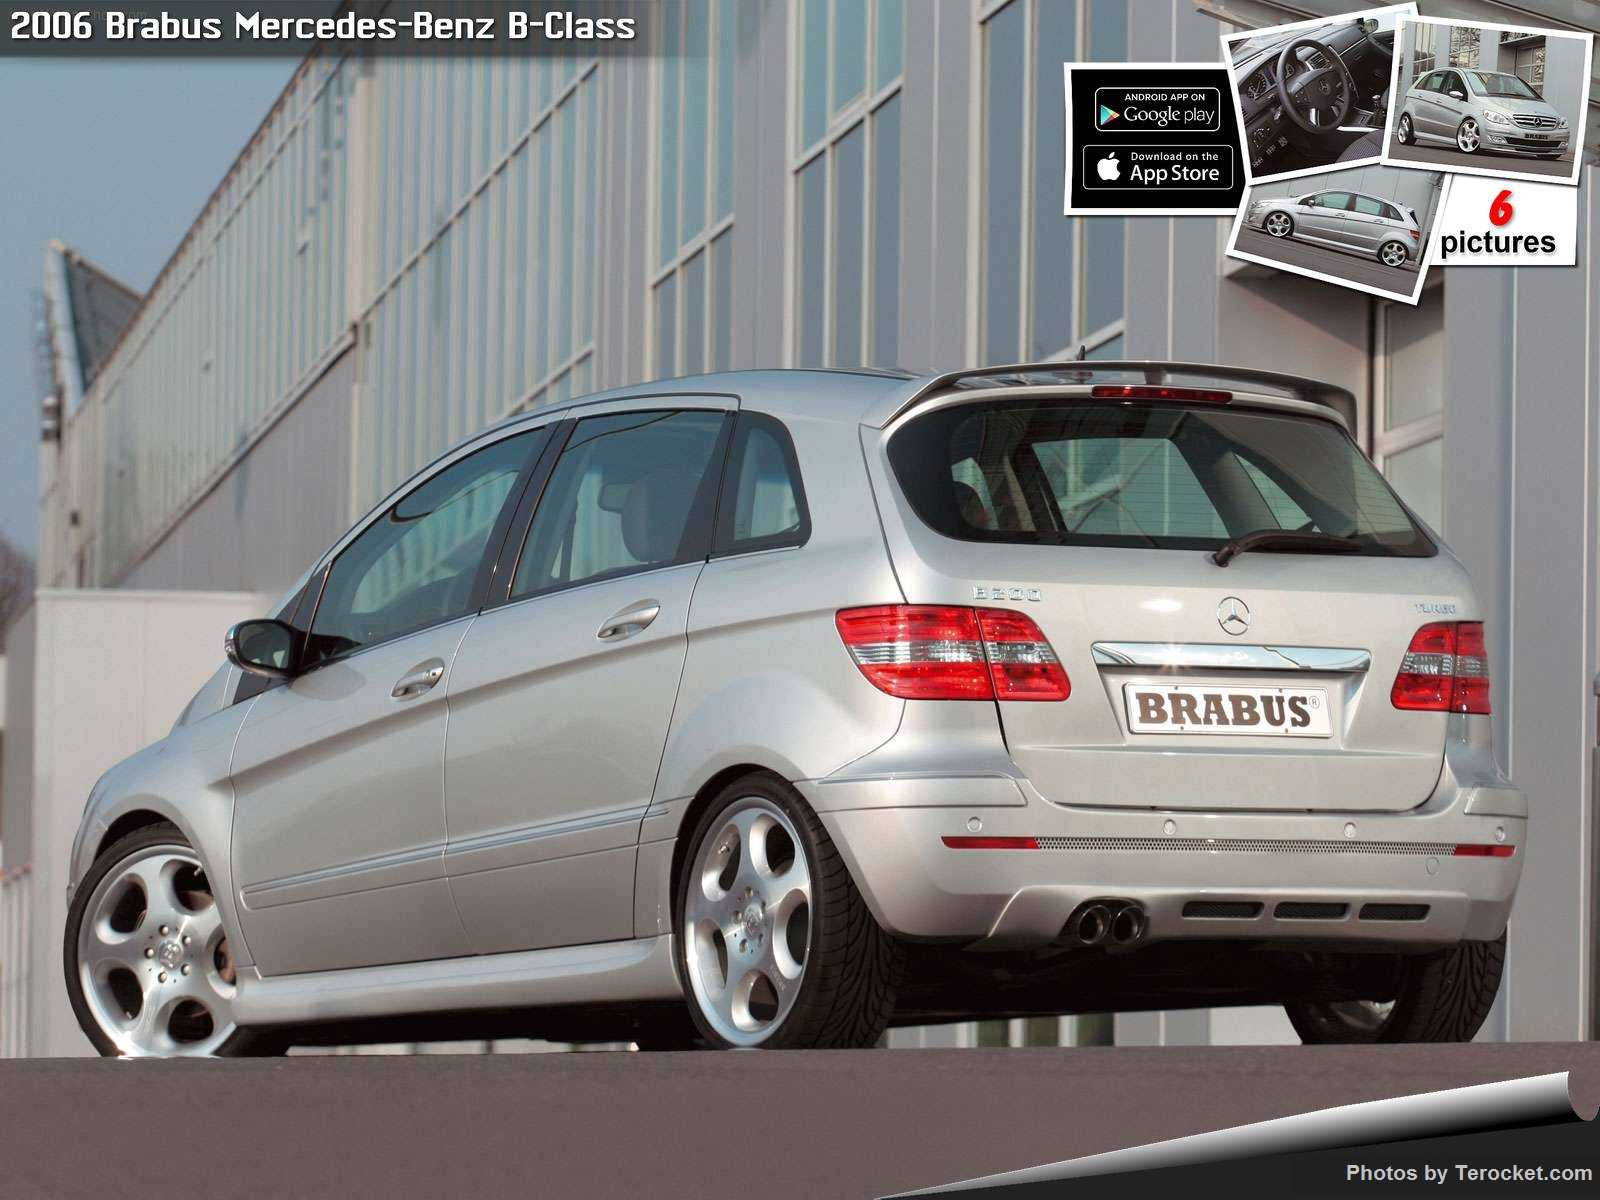 Hình ảnh xe ô tô Brabus Mercedes-Benz B-Class 2006 & nội ngoại thất